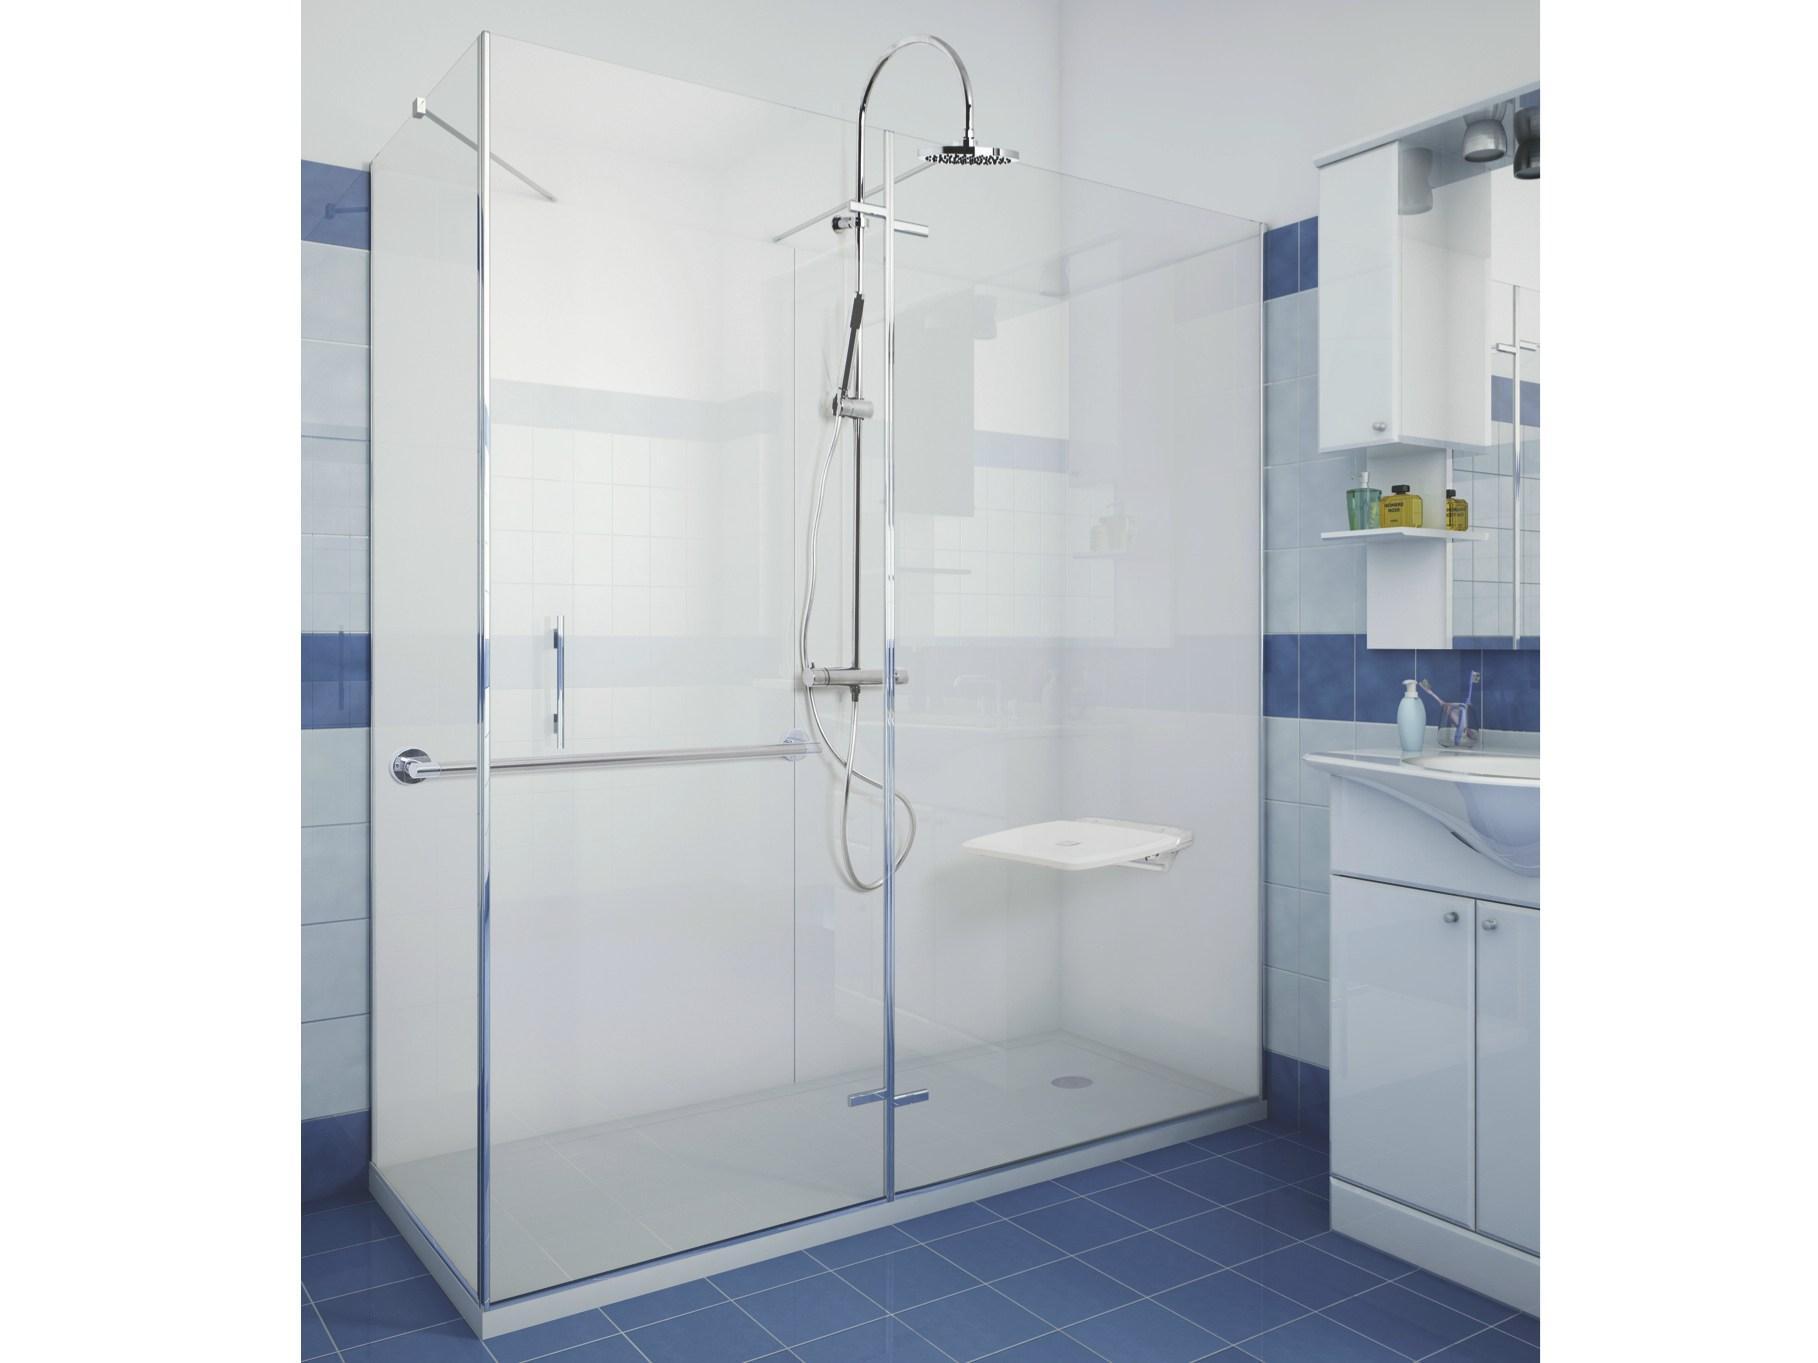 Modifica Vasca Da Bagno Per Anziani Prezzi : Docce per anziani e disabili sostituzione vasca in doccia